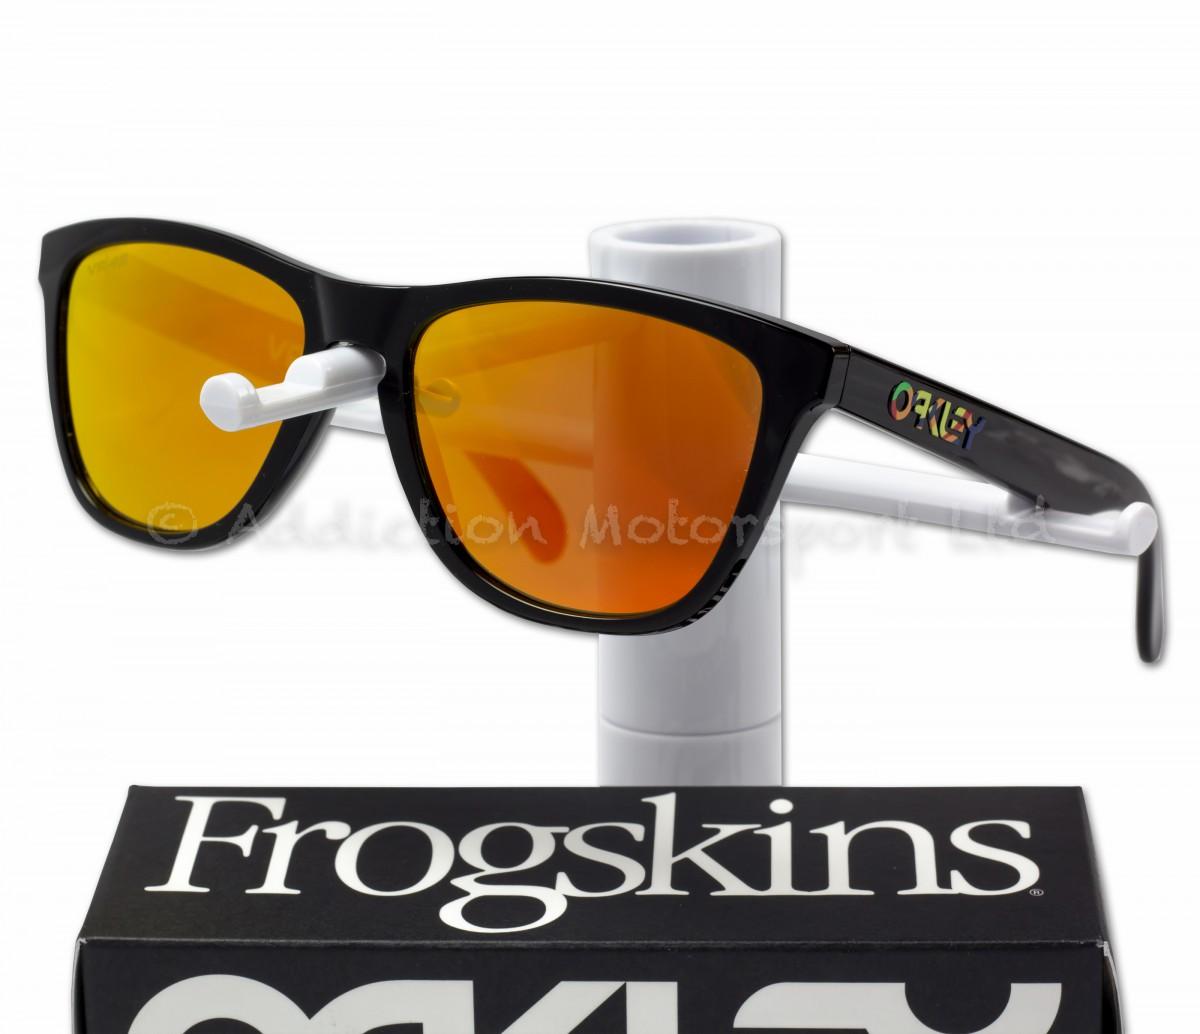 f8e48e8a7d6e0 OAKLEY Frogskins Valentino Rossi VR46 Signature Prizm Sunglasses New 2018  Design OO9013-E655